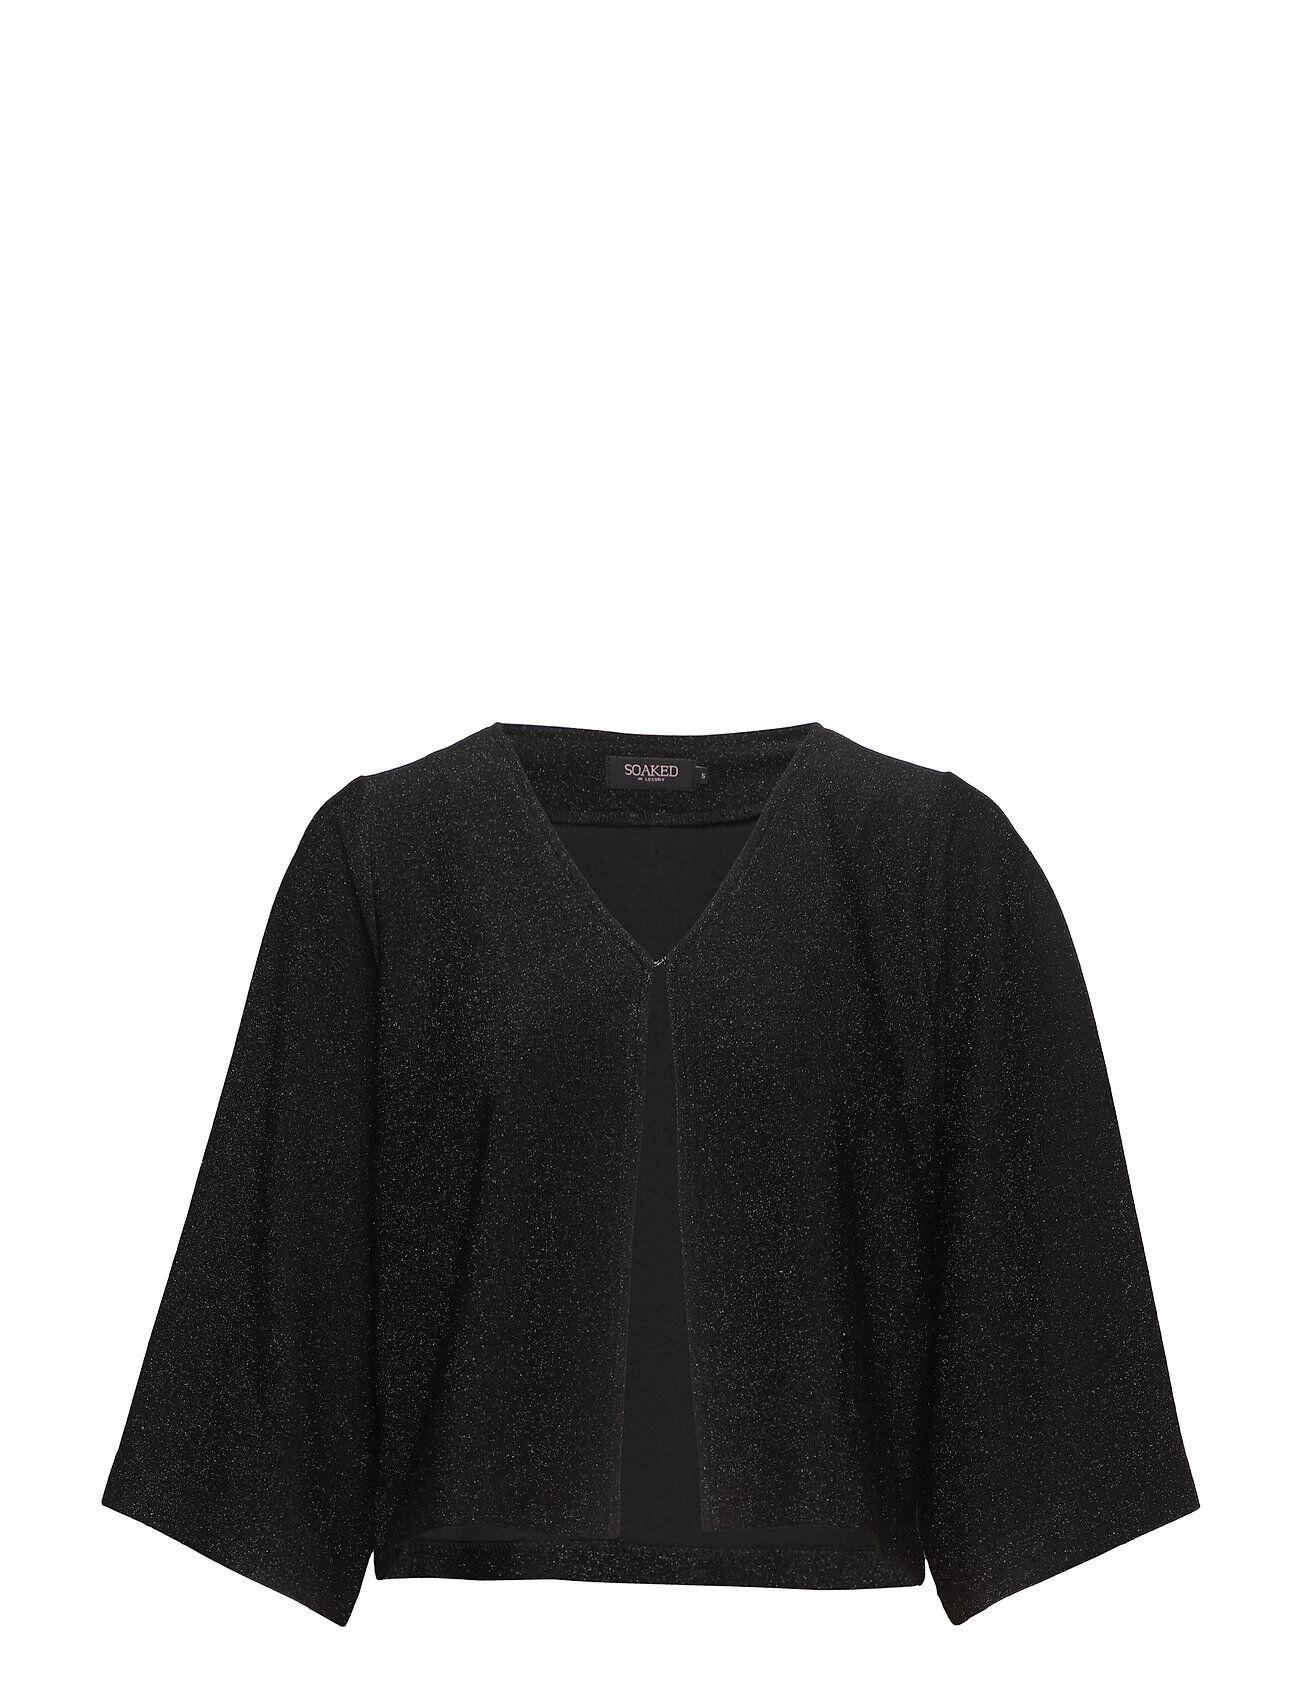 Soaked in Luxury Ziggy Jacket Pitkähihainen Pusero Paita Musta Soaked In Luxury